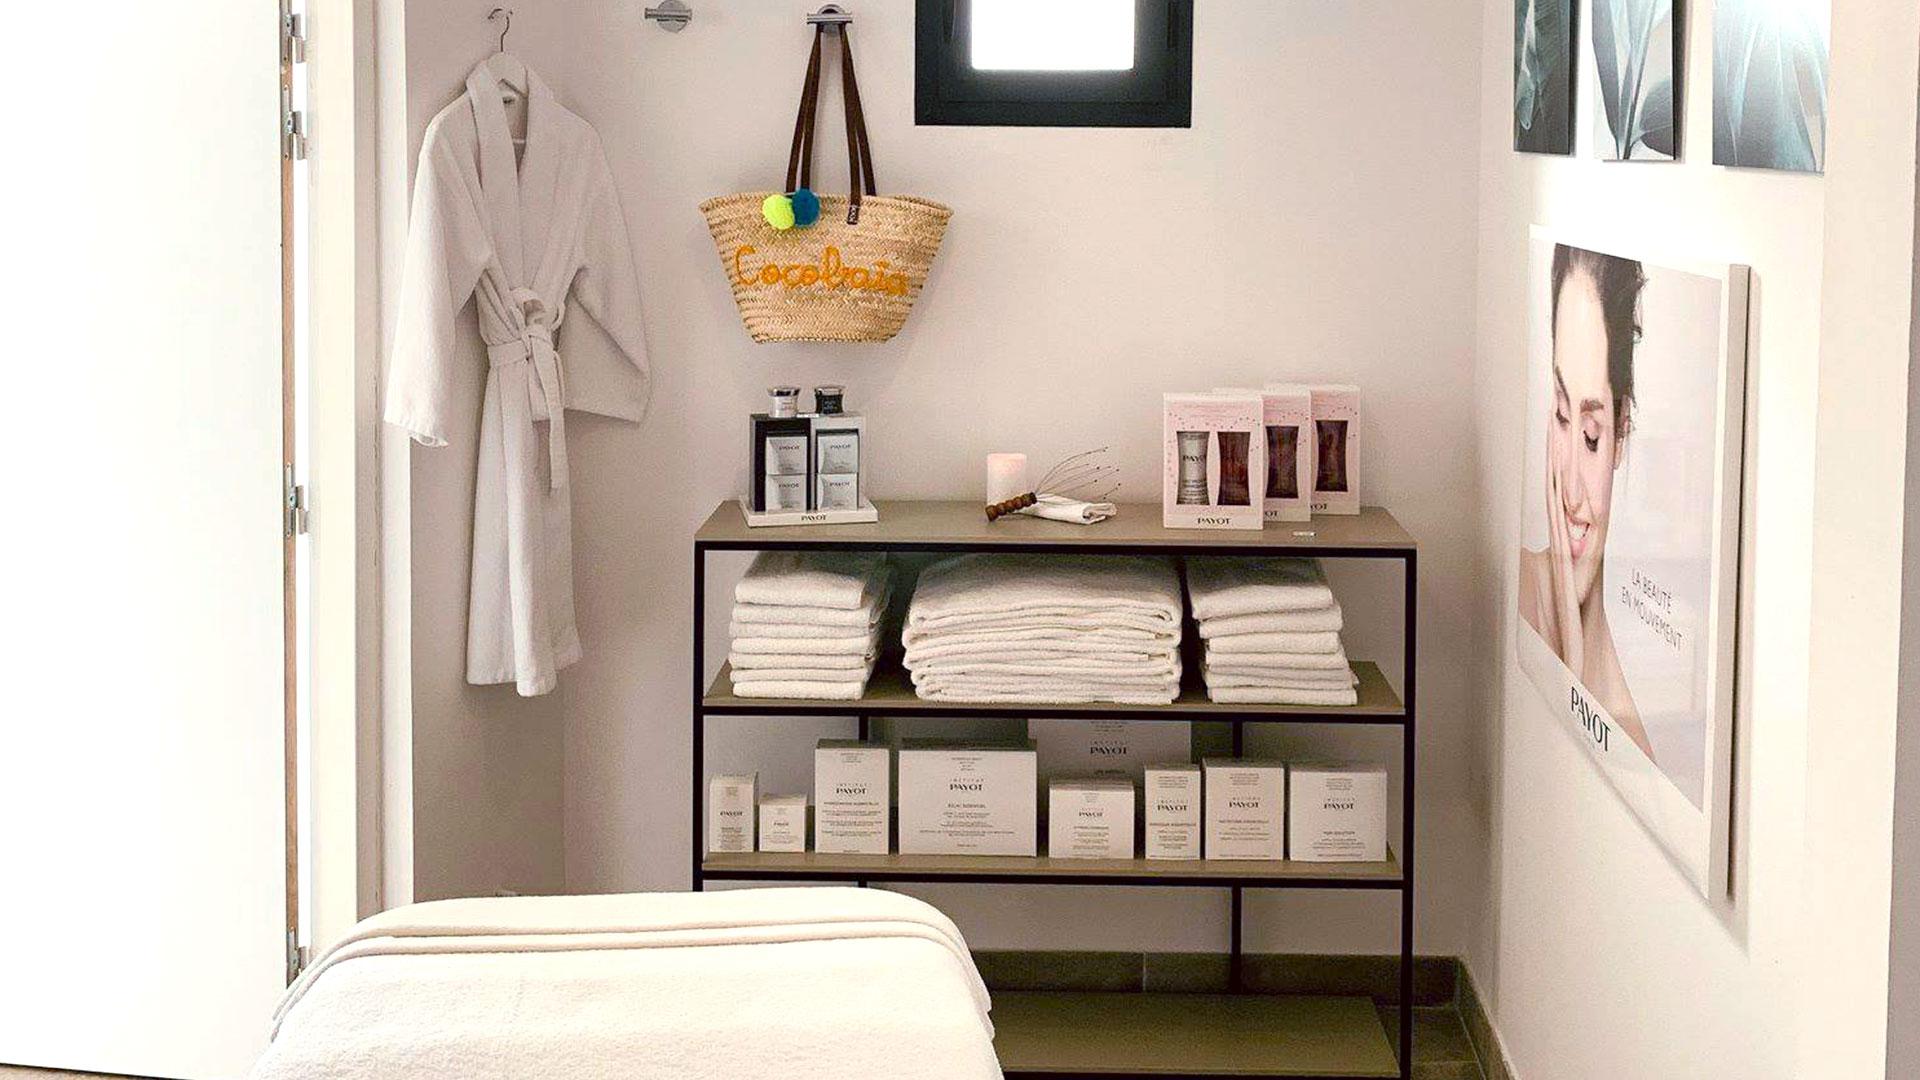 Spa avec cabine de massage bien équipée avec serviettes et produits de qualité, hôtel spa la grande motte, Hôtel La Plage.